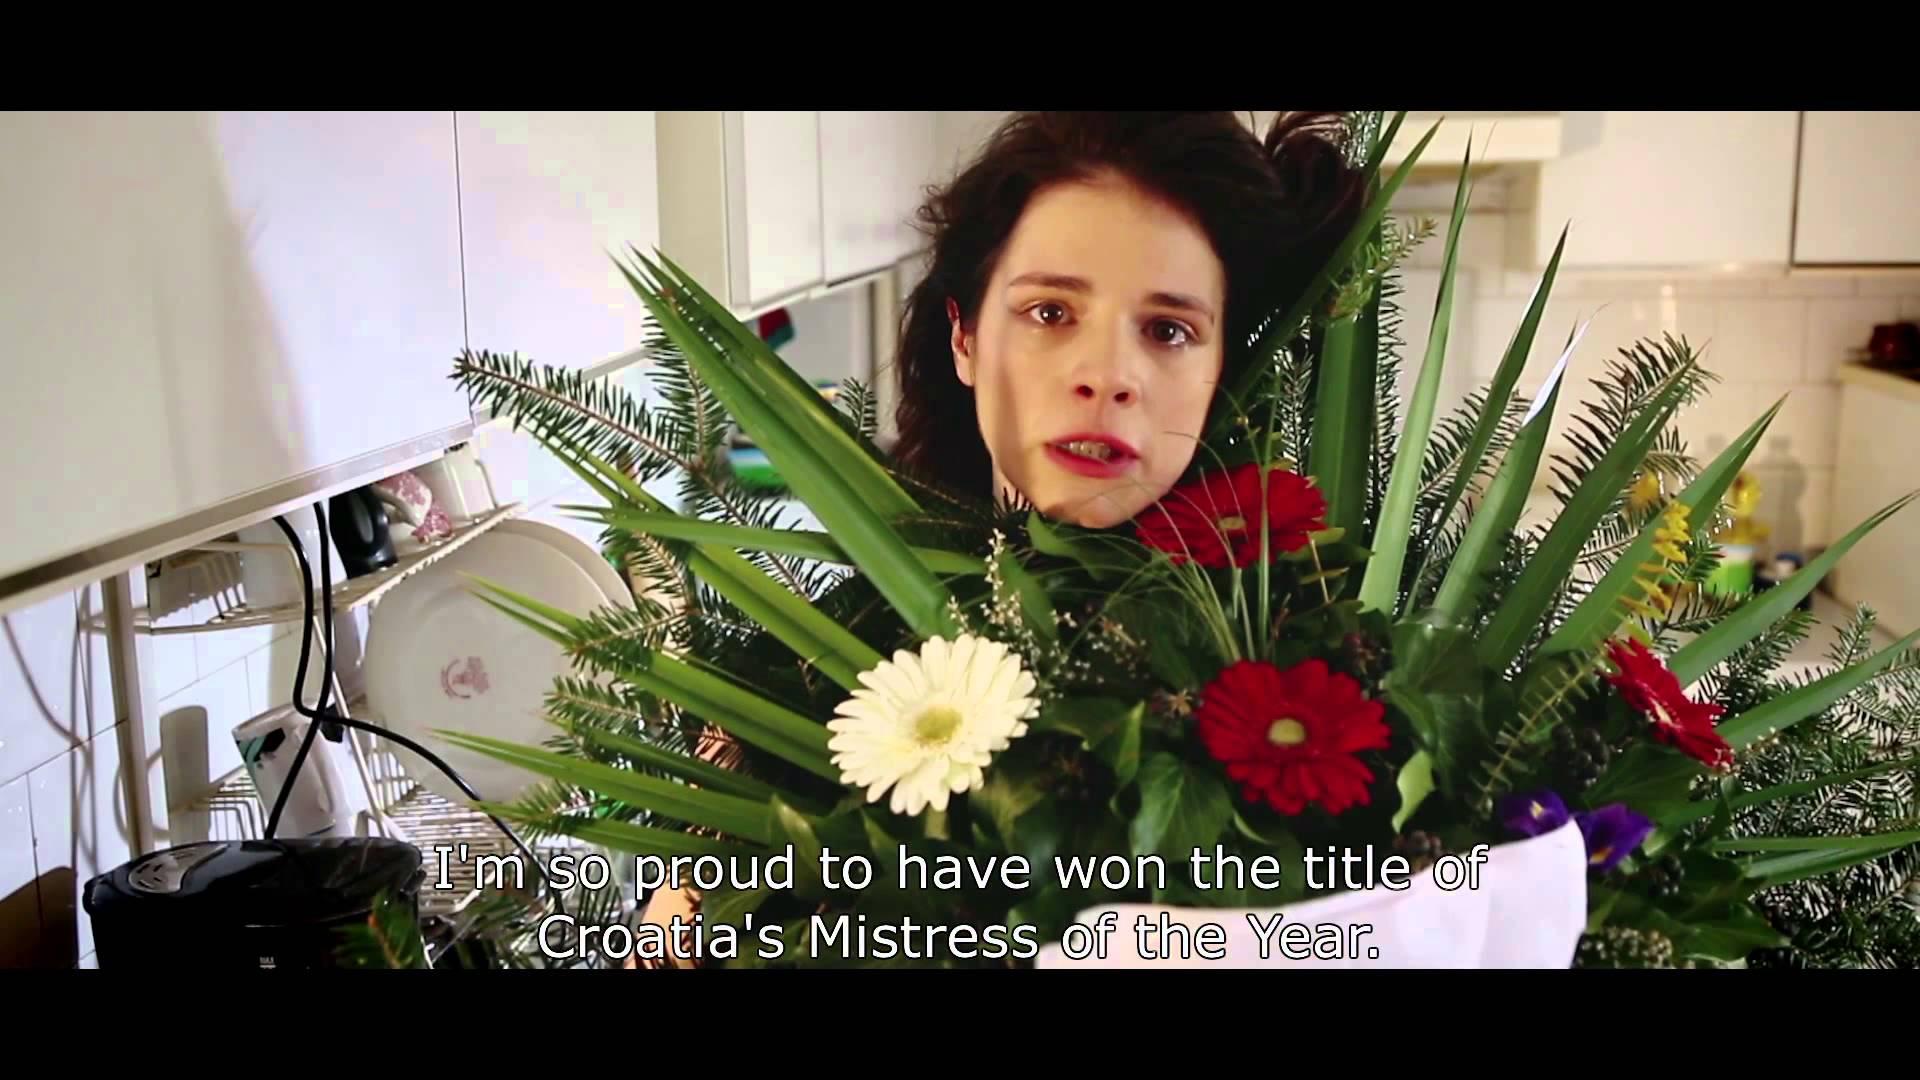 Glumačka ekipa nesvakidašnjim performanceom najavila film 'Svinjari'